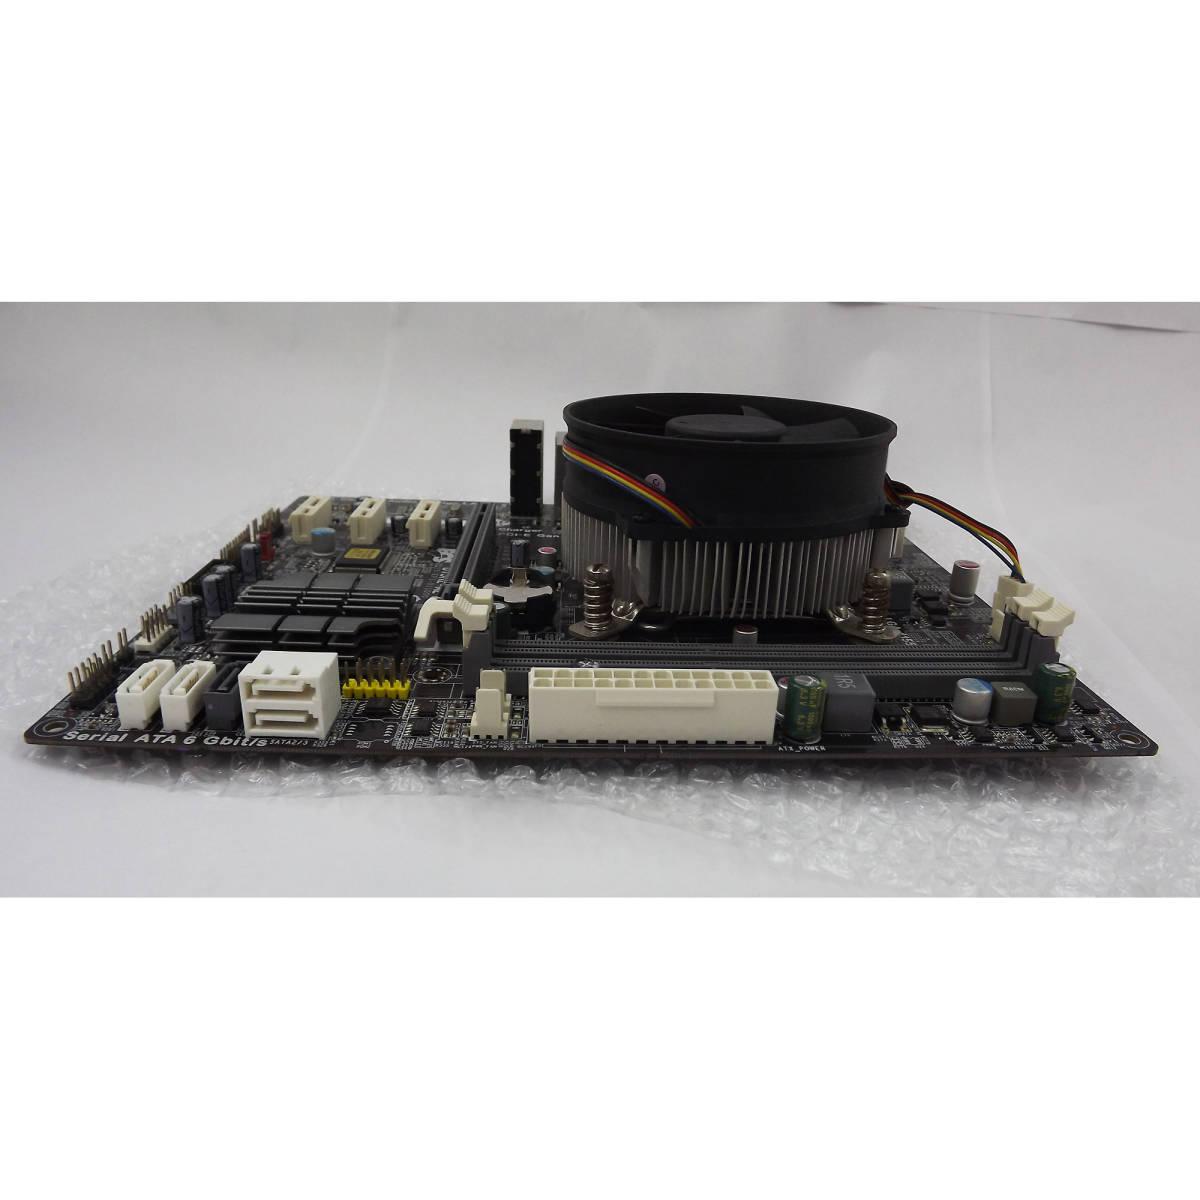 【 ECS / B75H2-M2 (V1.0) 】+【 Core i7-3770 】/ マザーボード・CPUセット・動確認済_画像2